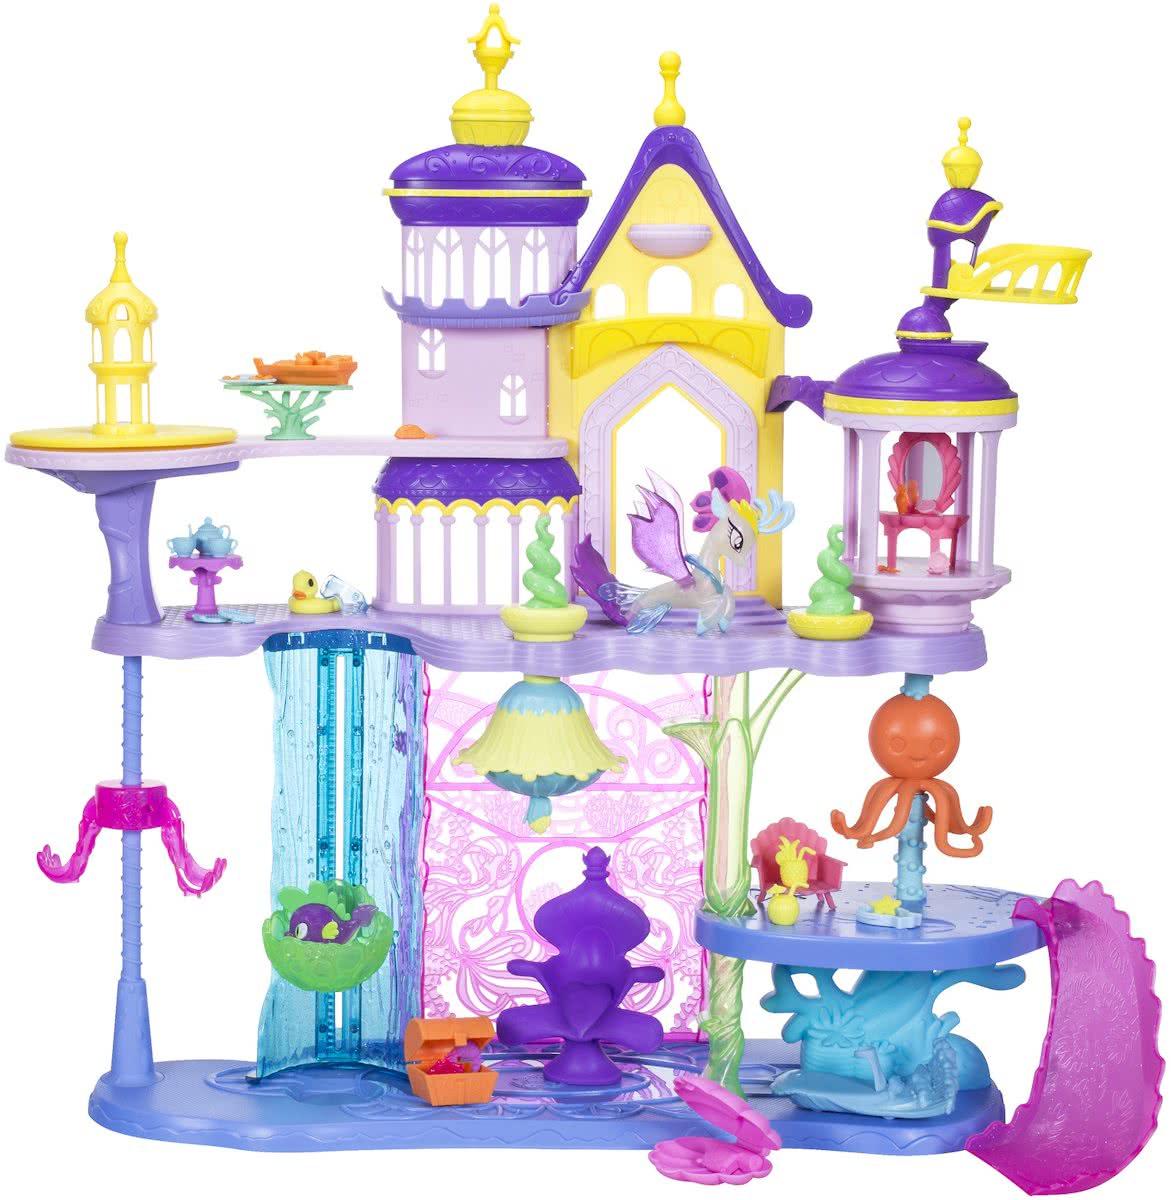 Игровой набор Hasbro My Little Pony – Мерцание: Волшебный замокМоя маленькая пони (My Little Pony)<br>Игровой набор Hasbro My Little Pony – Мерцание: Волшебный замок<br>